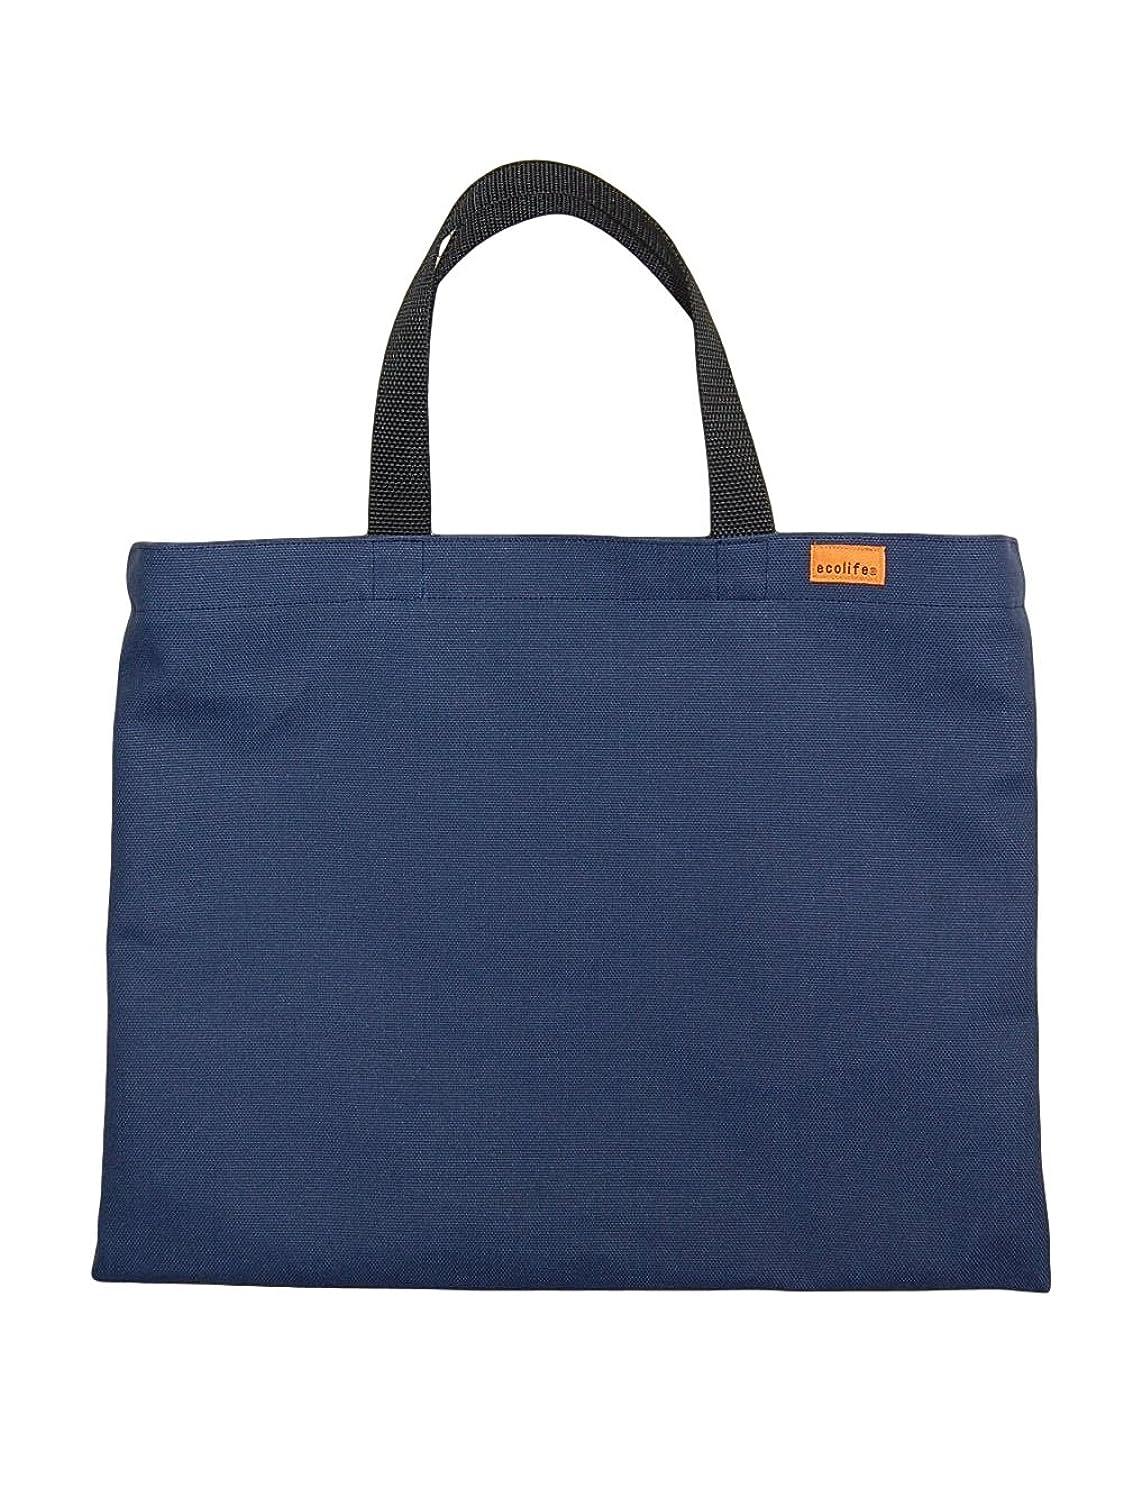 お金ゴム足確かめる[エコライフ] A4 横型 日本製 カスタマイズ エコバッグ 想定重量2kg 弱撥水 帆布